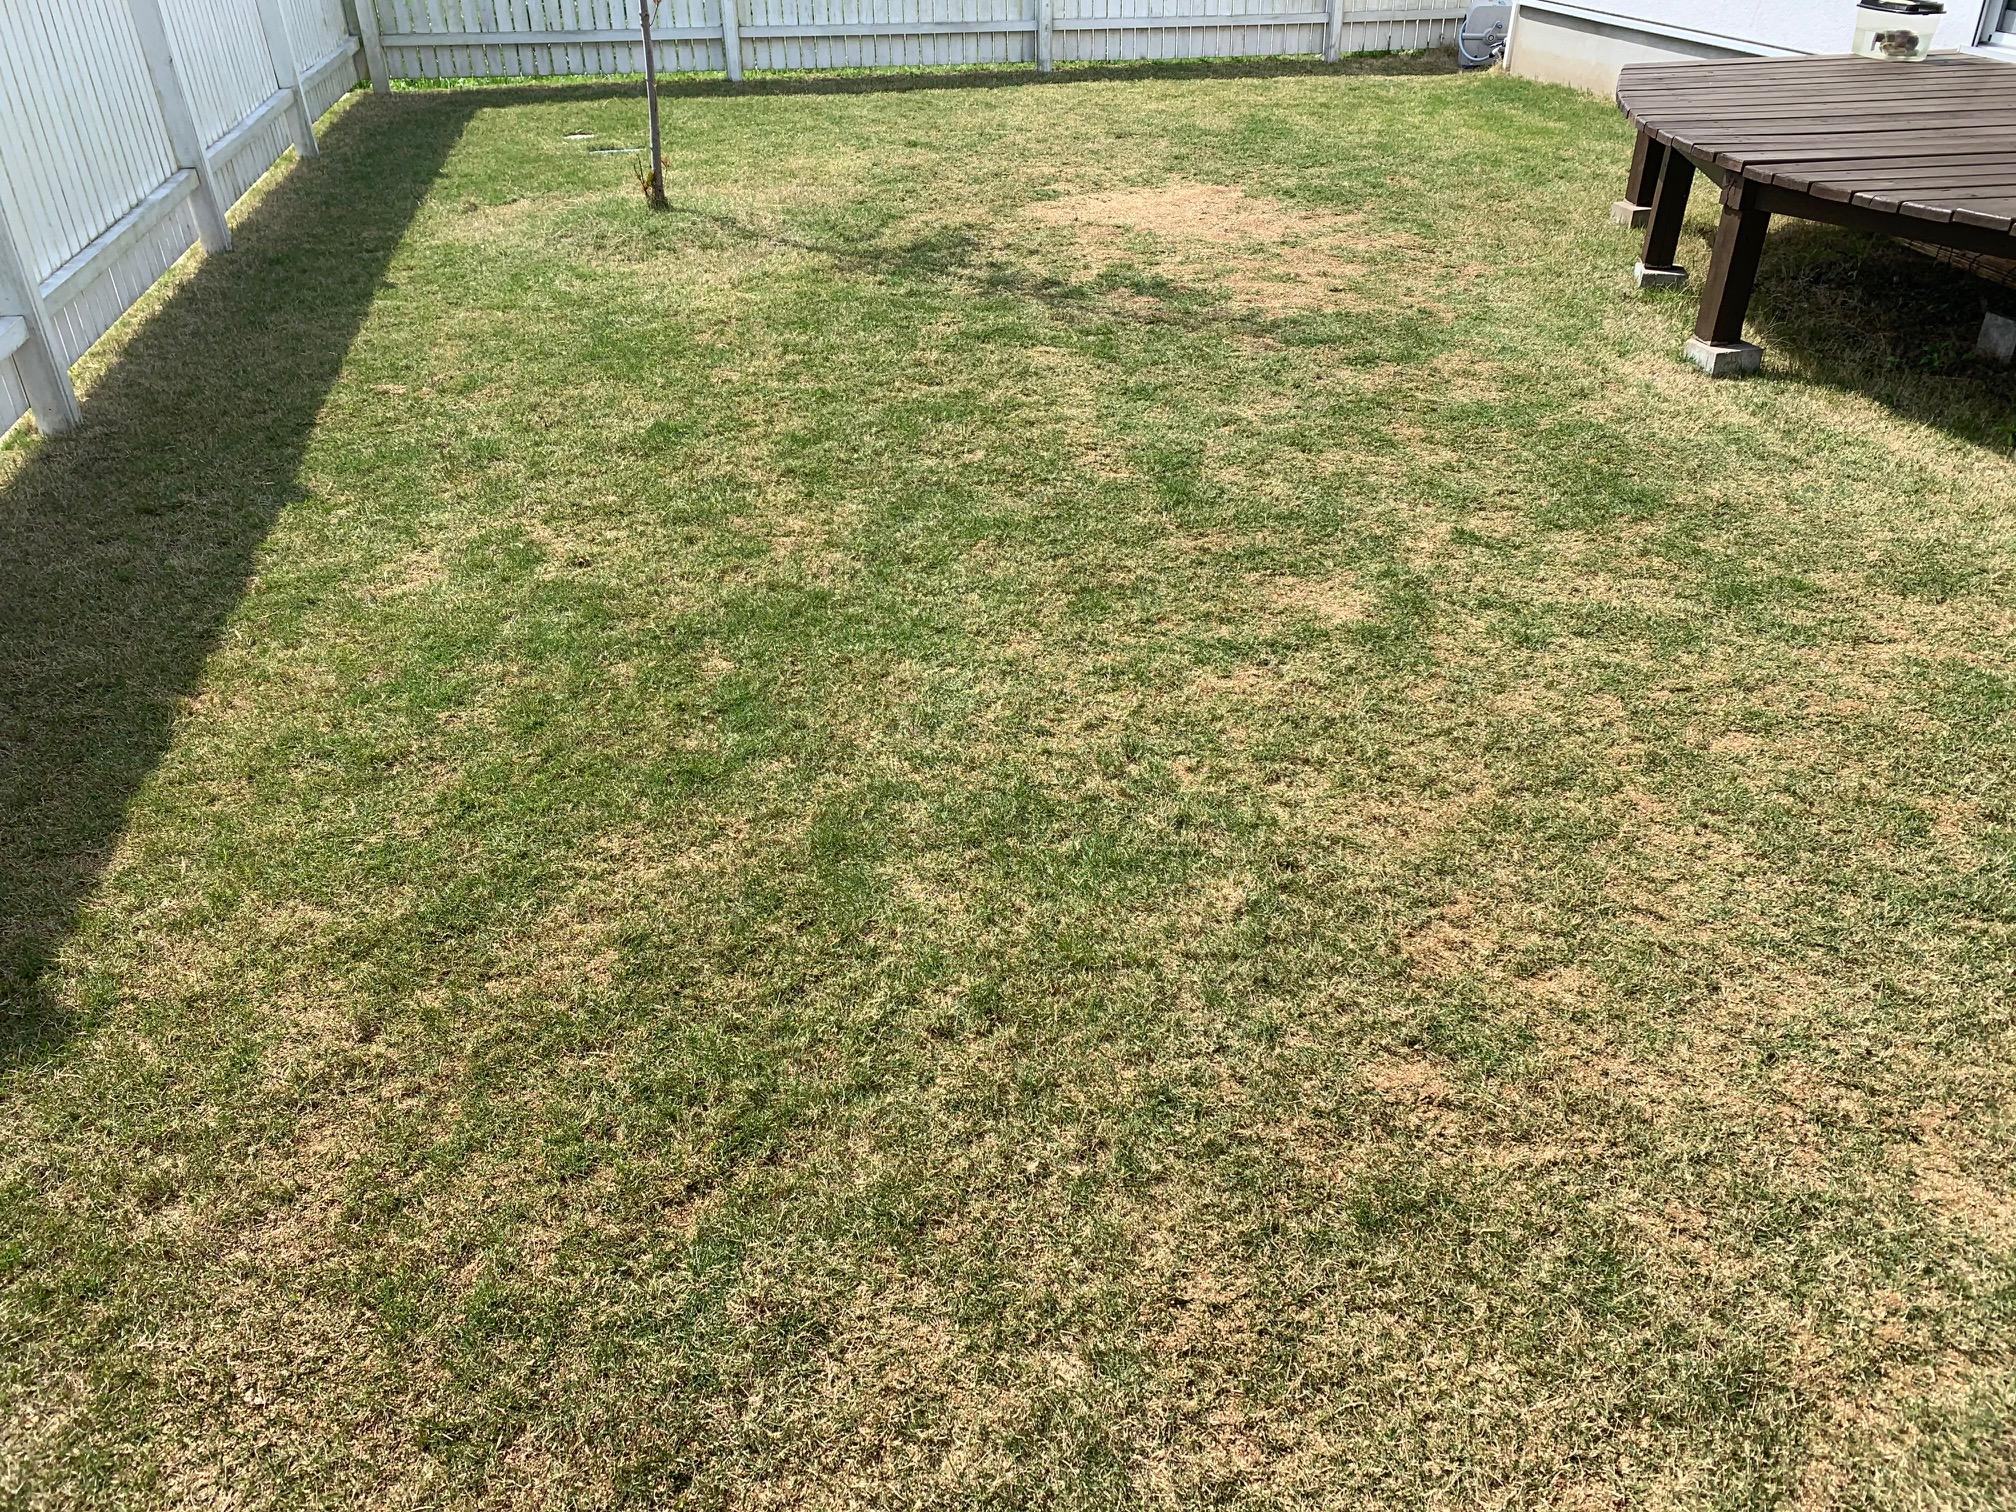 2021.04.23 芝生の状況(目土、雑草除去)